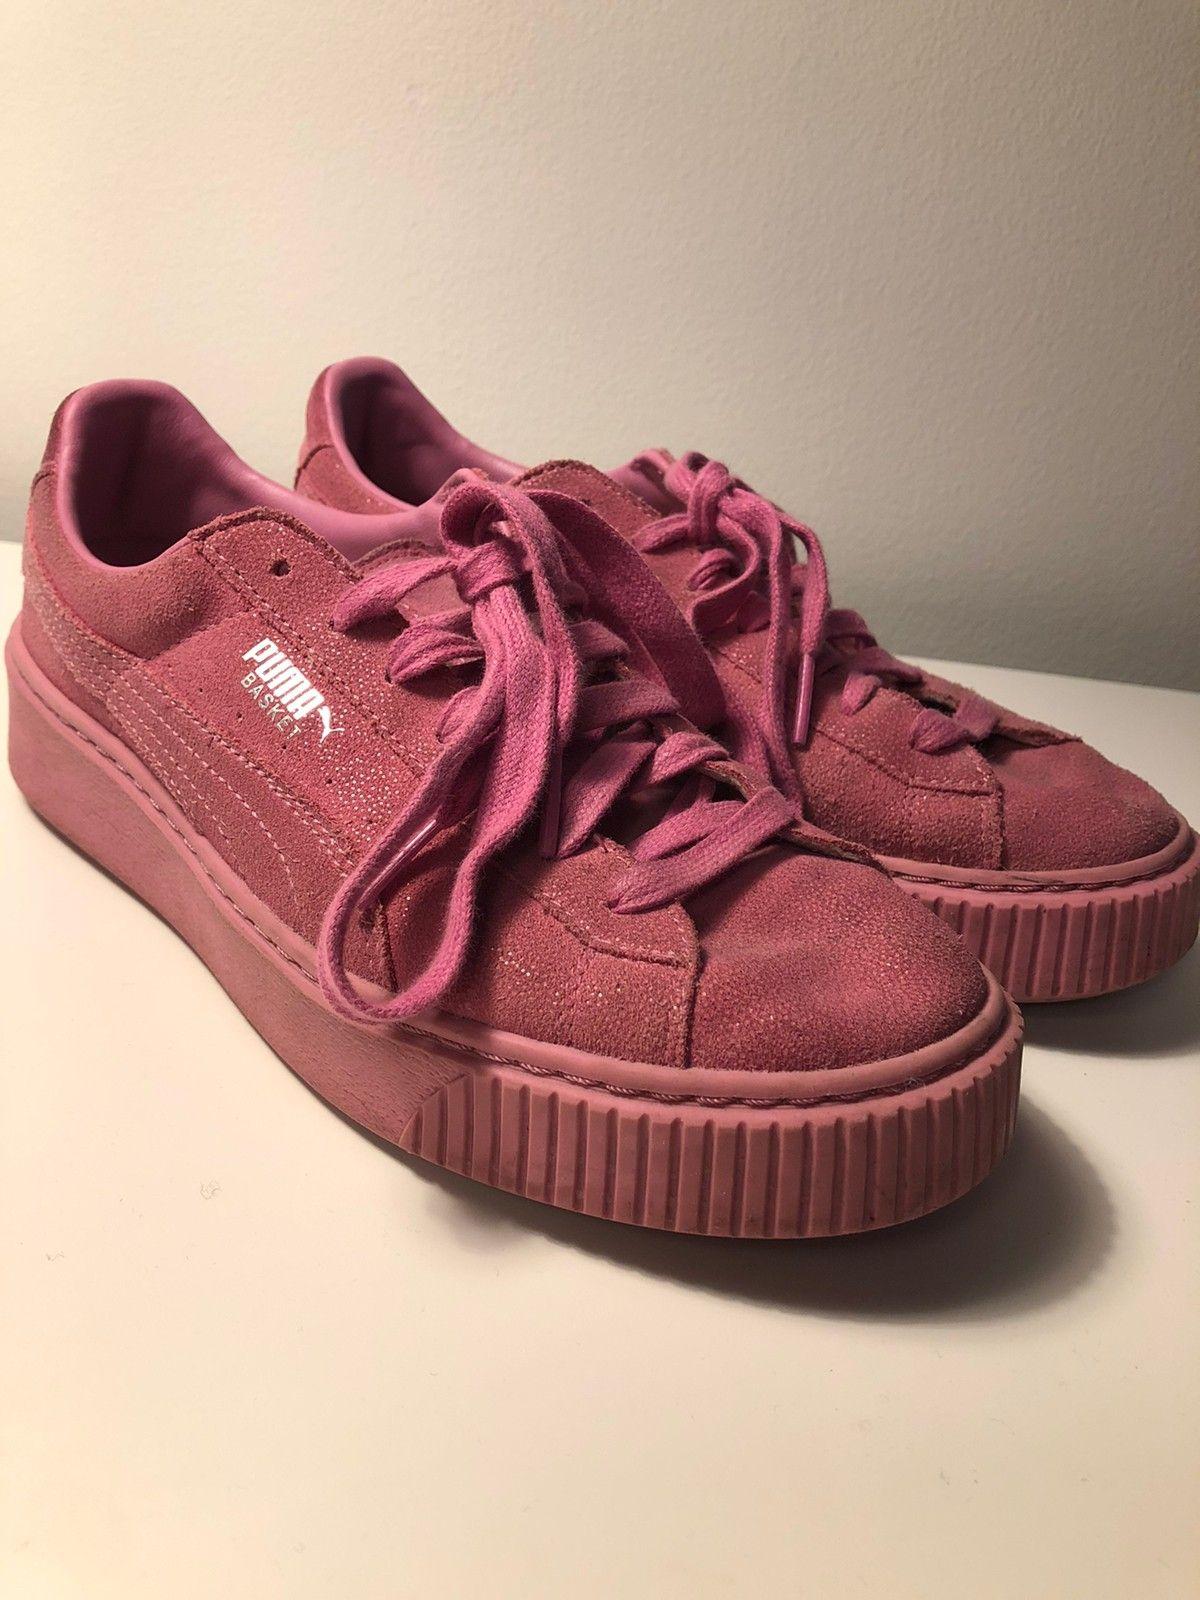 Rosa Puma Platform Reset Sneakers | FINN.no